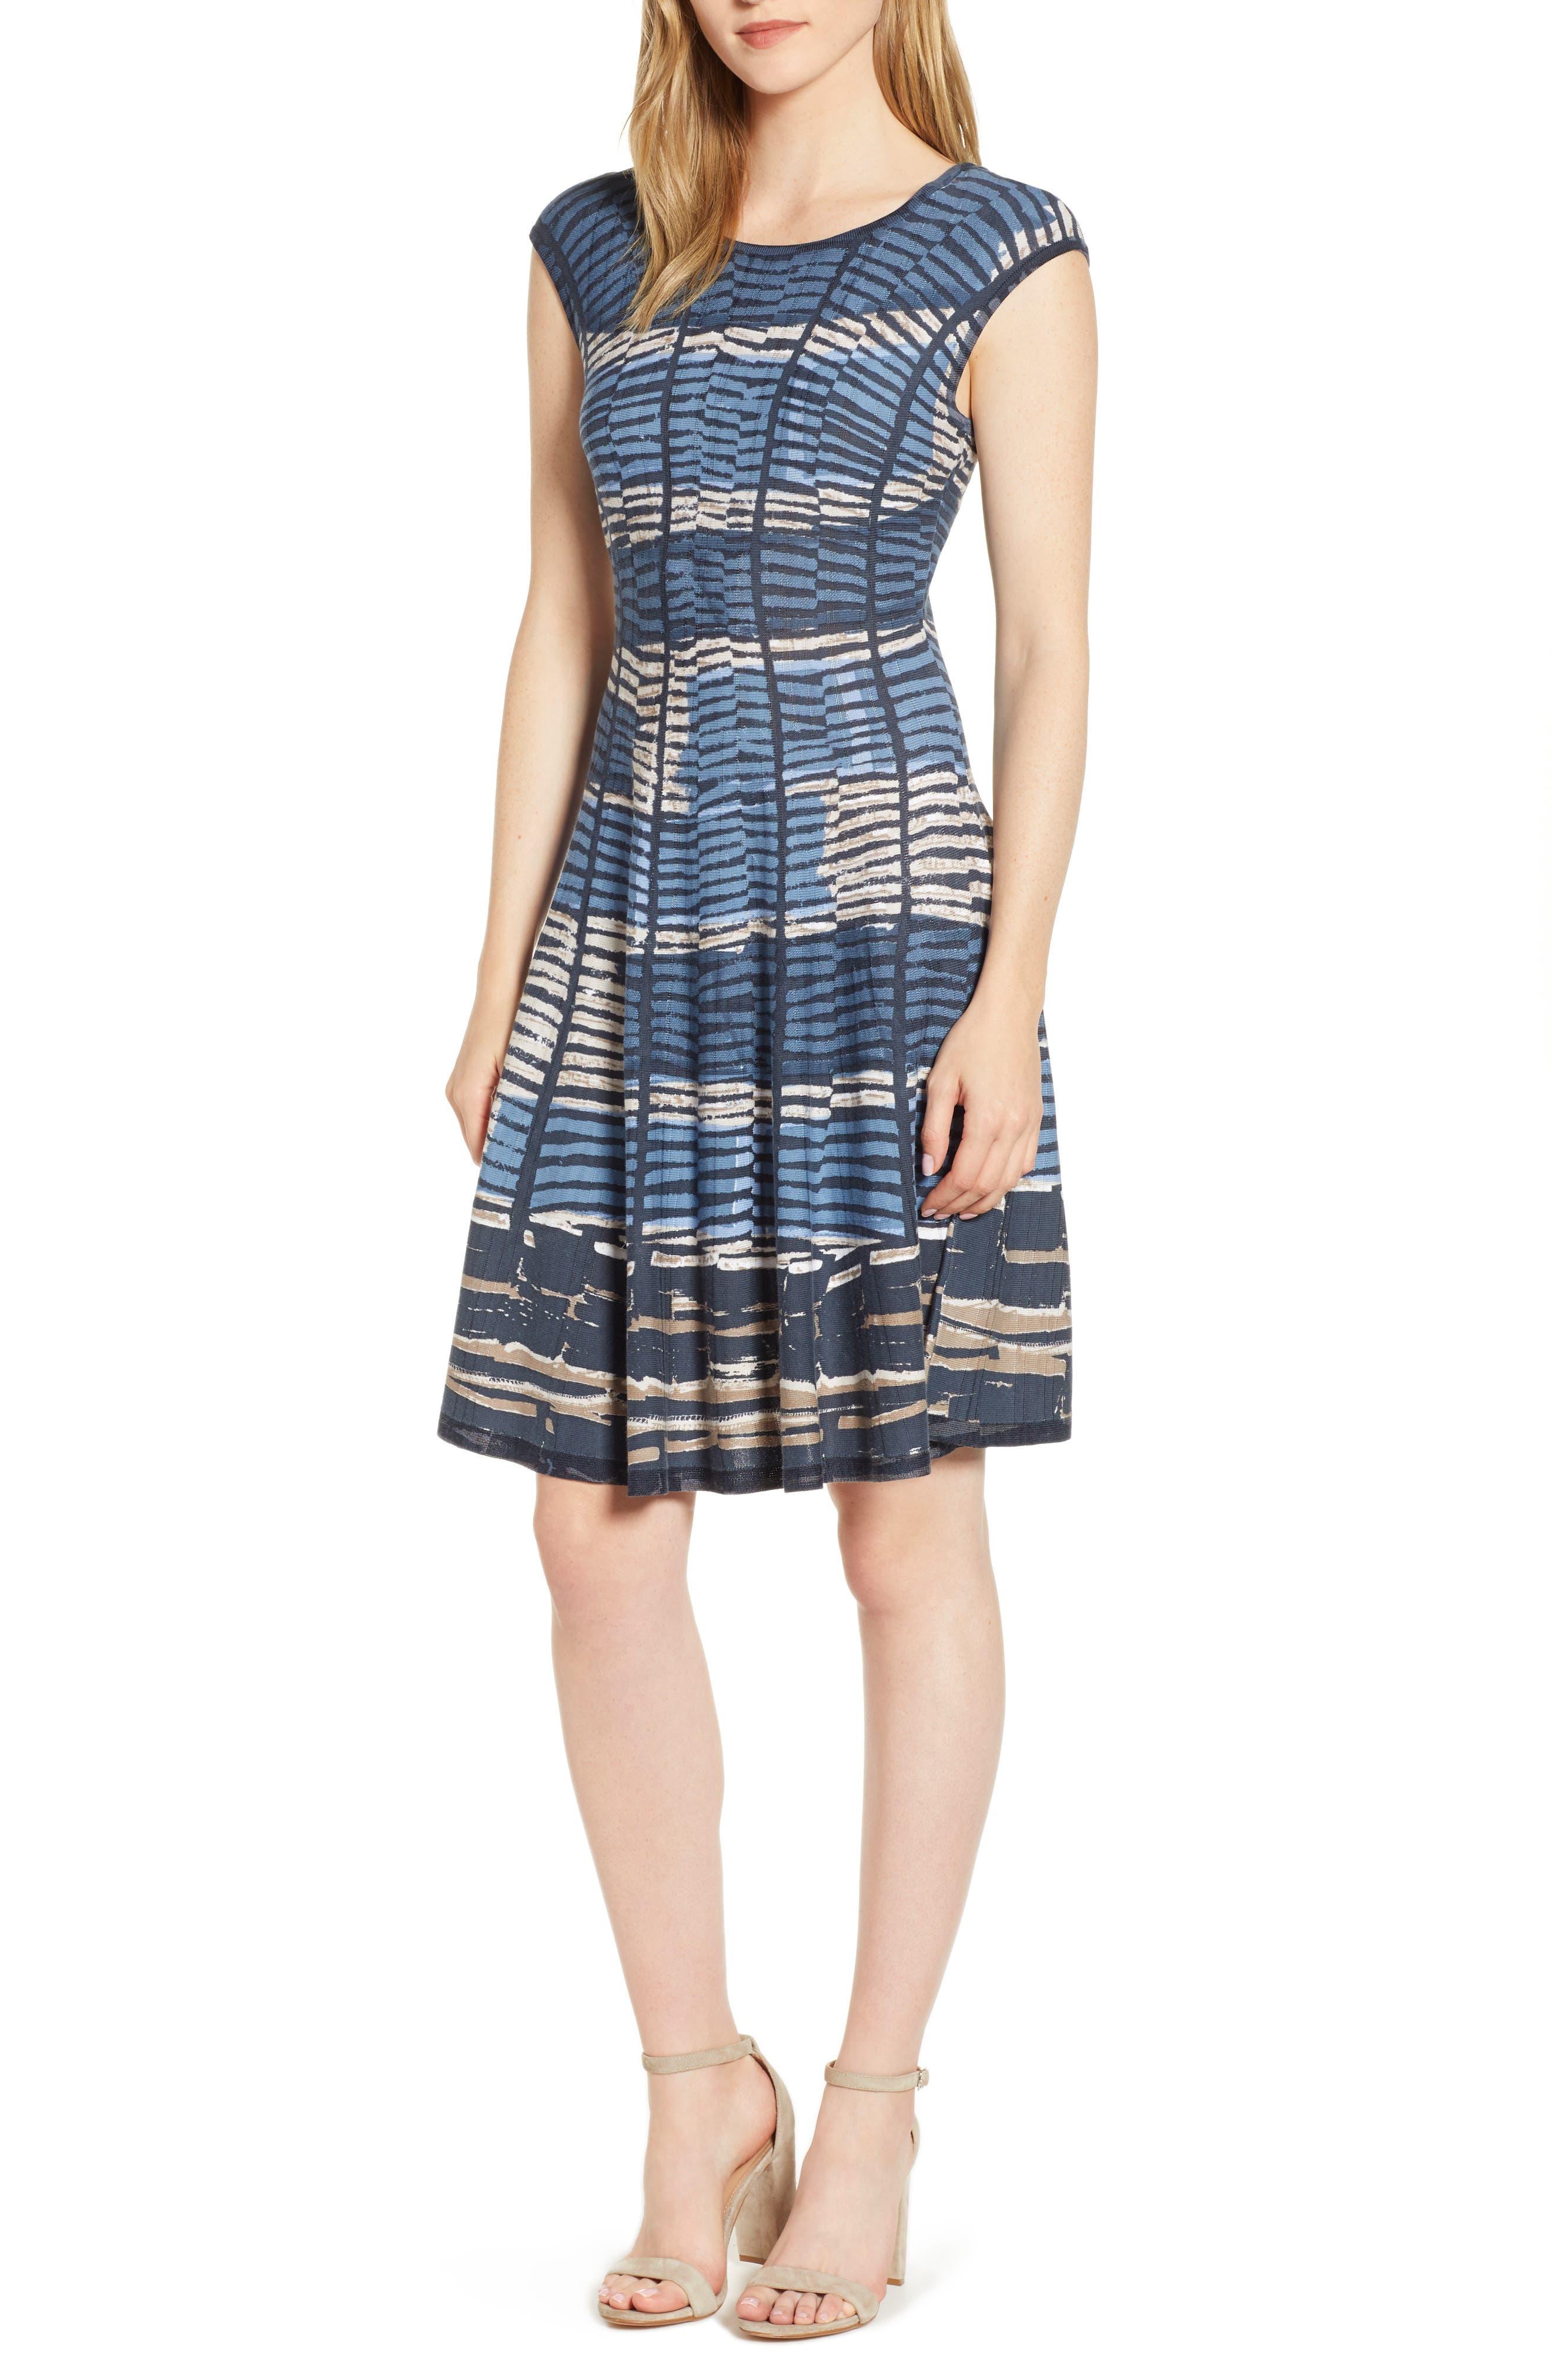 NIC+ZOE, Mesmerize Twirl Dress, Main thumbnail 1, color, MULTI